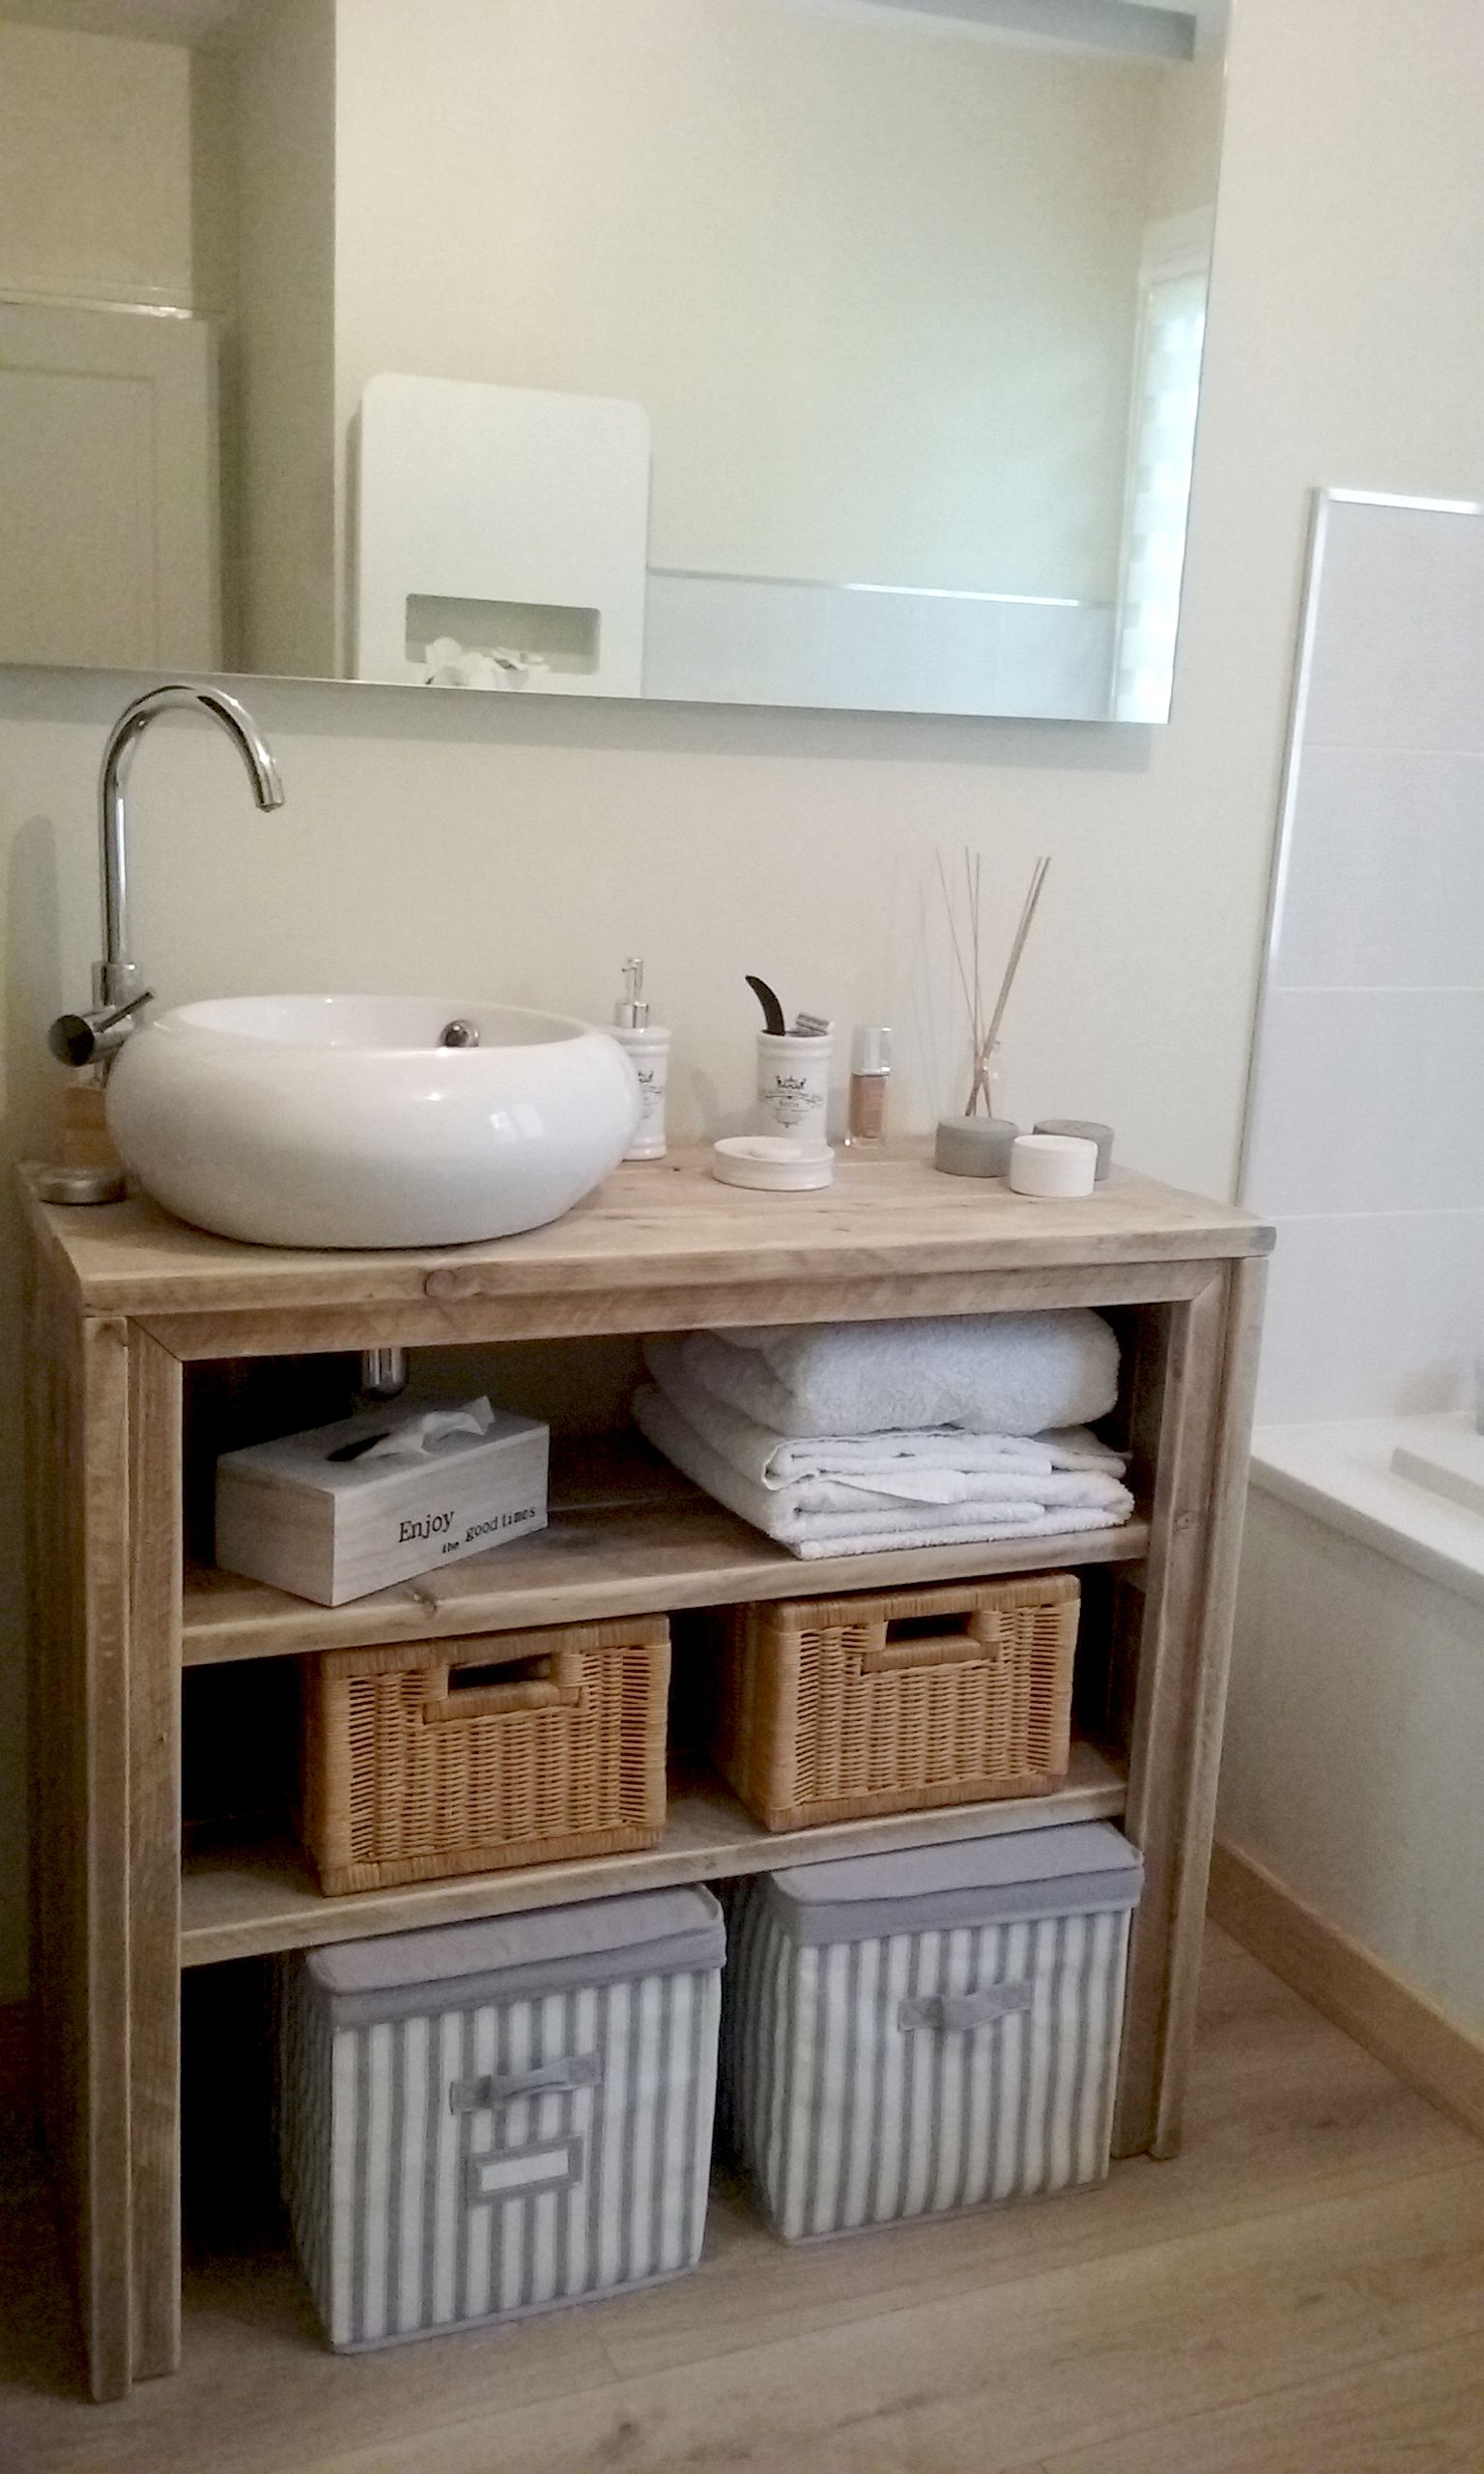 meuble salle de bain pays bois 100 cm meubles salle de bain pinterest pallet wood. Black Bedroom Furniture Sets. Home Design Ideas